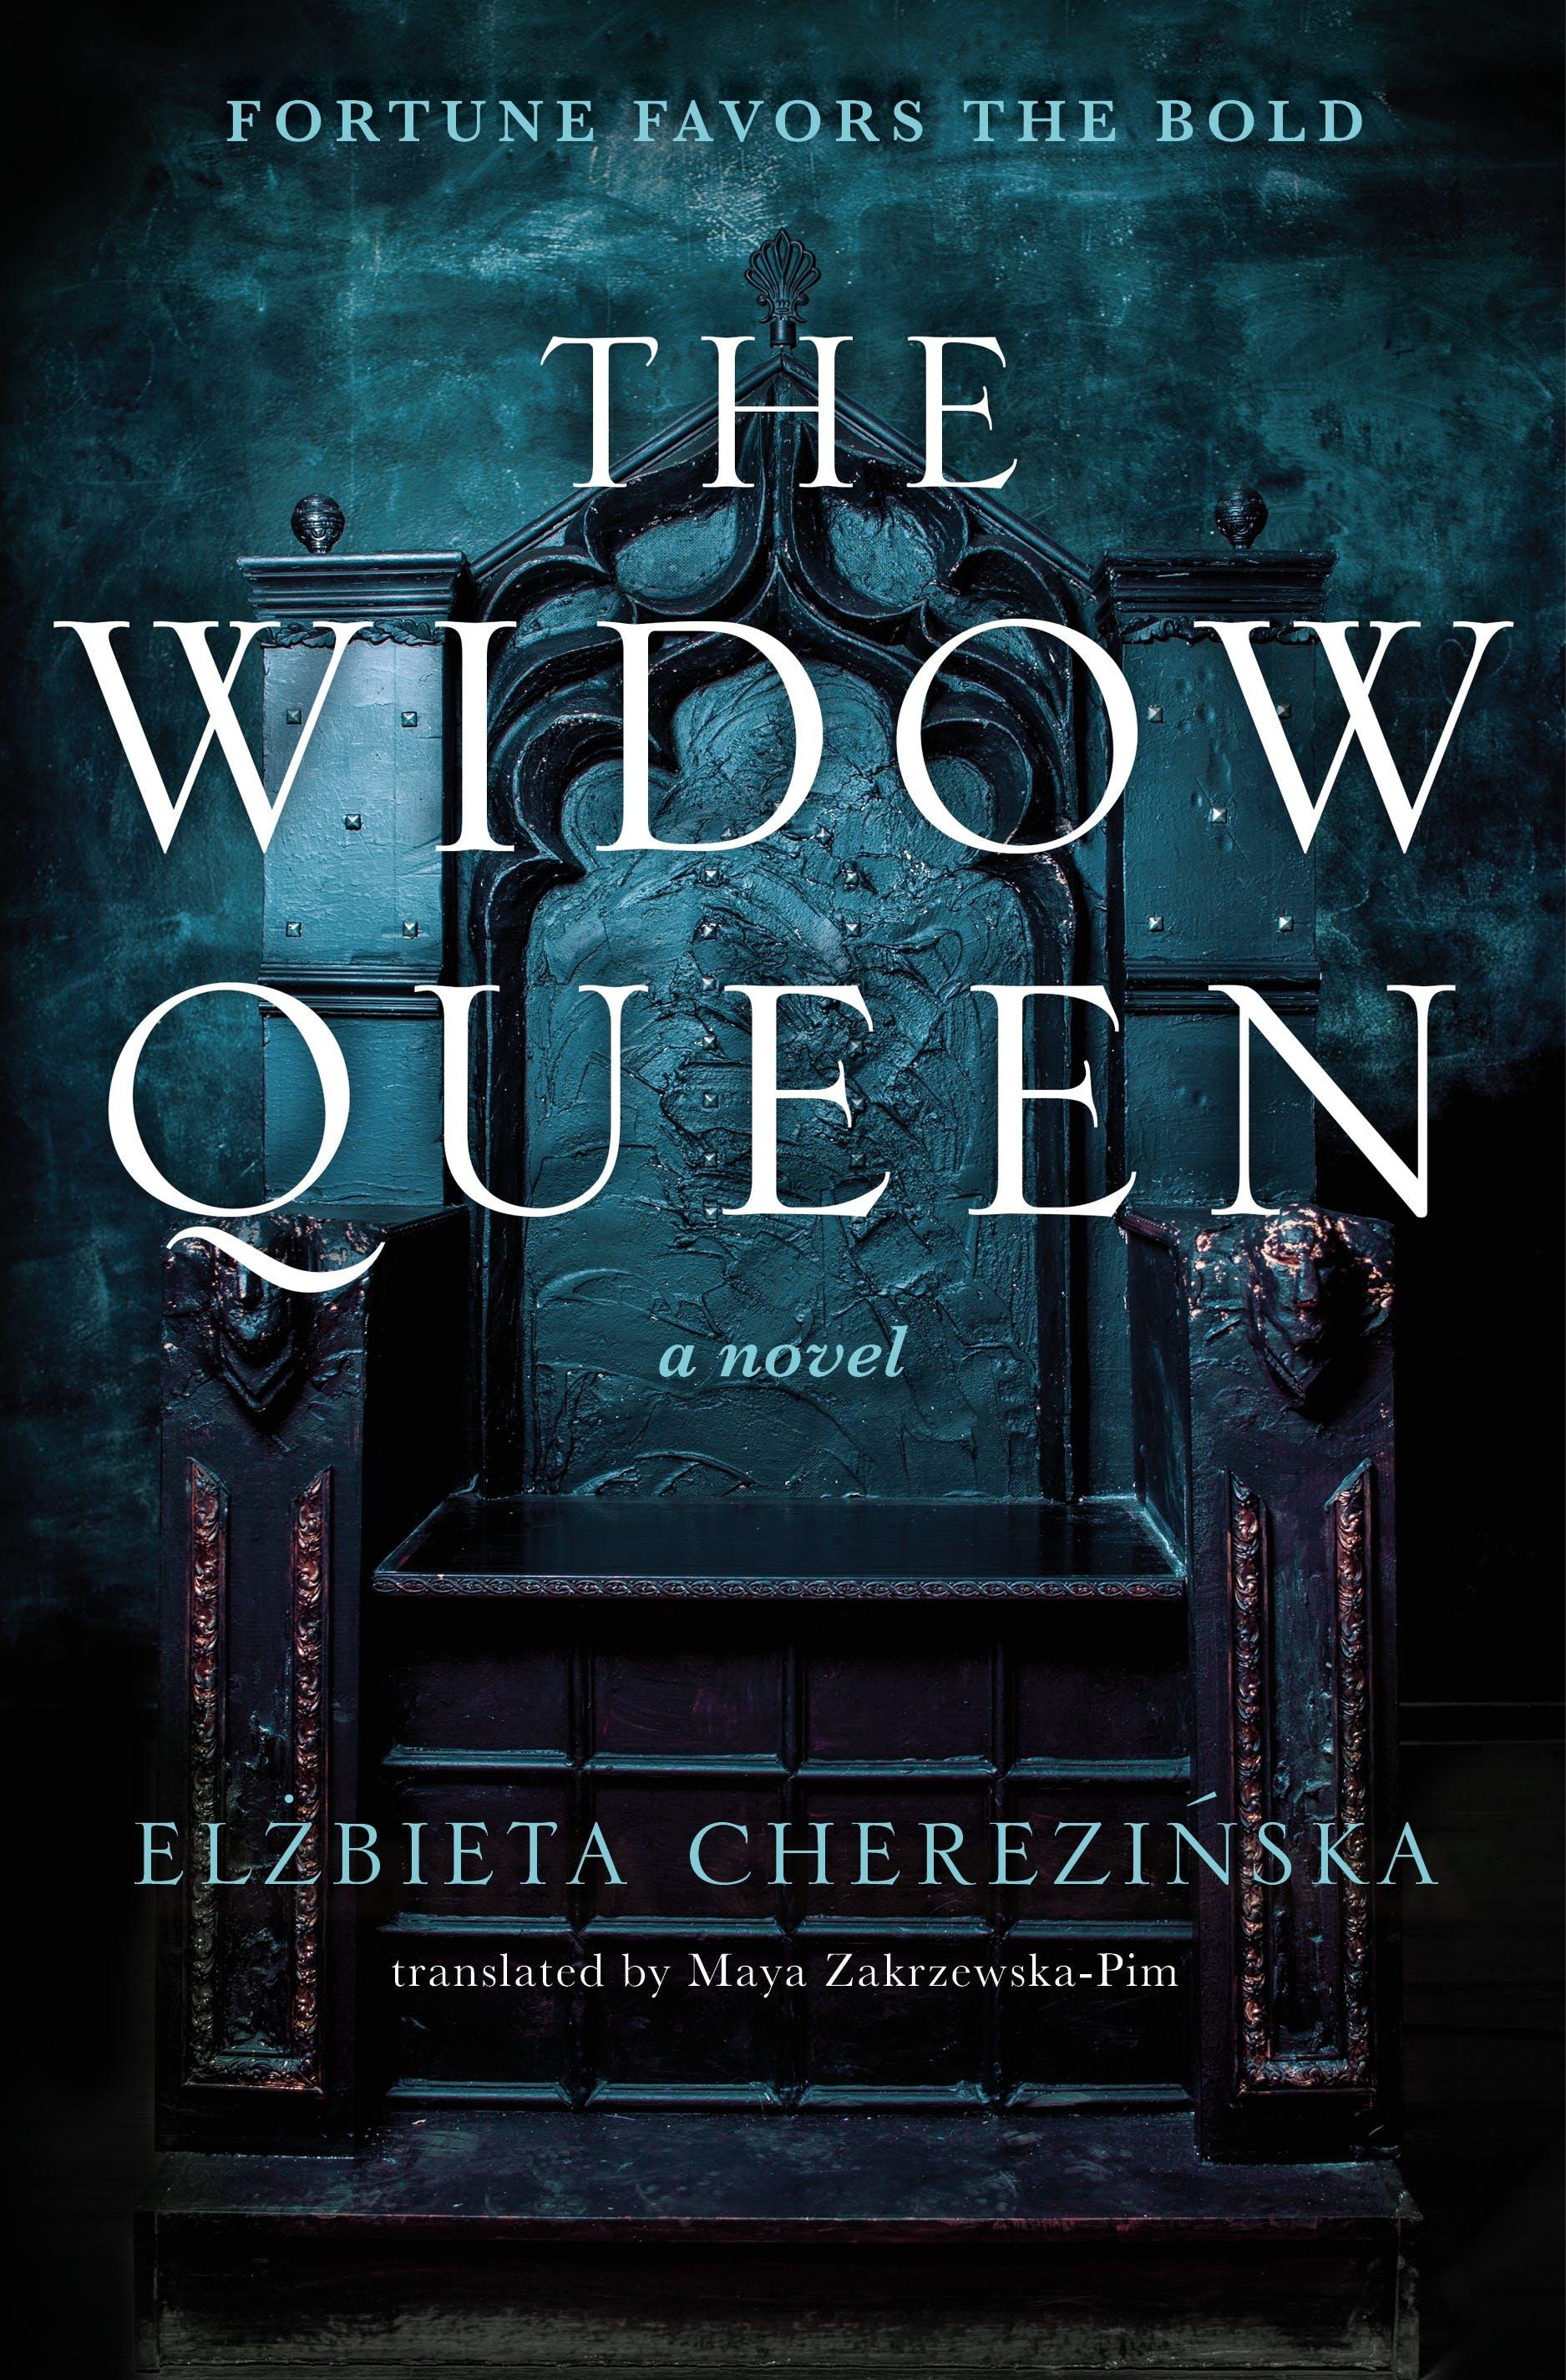 Image of The Widow Queen